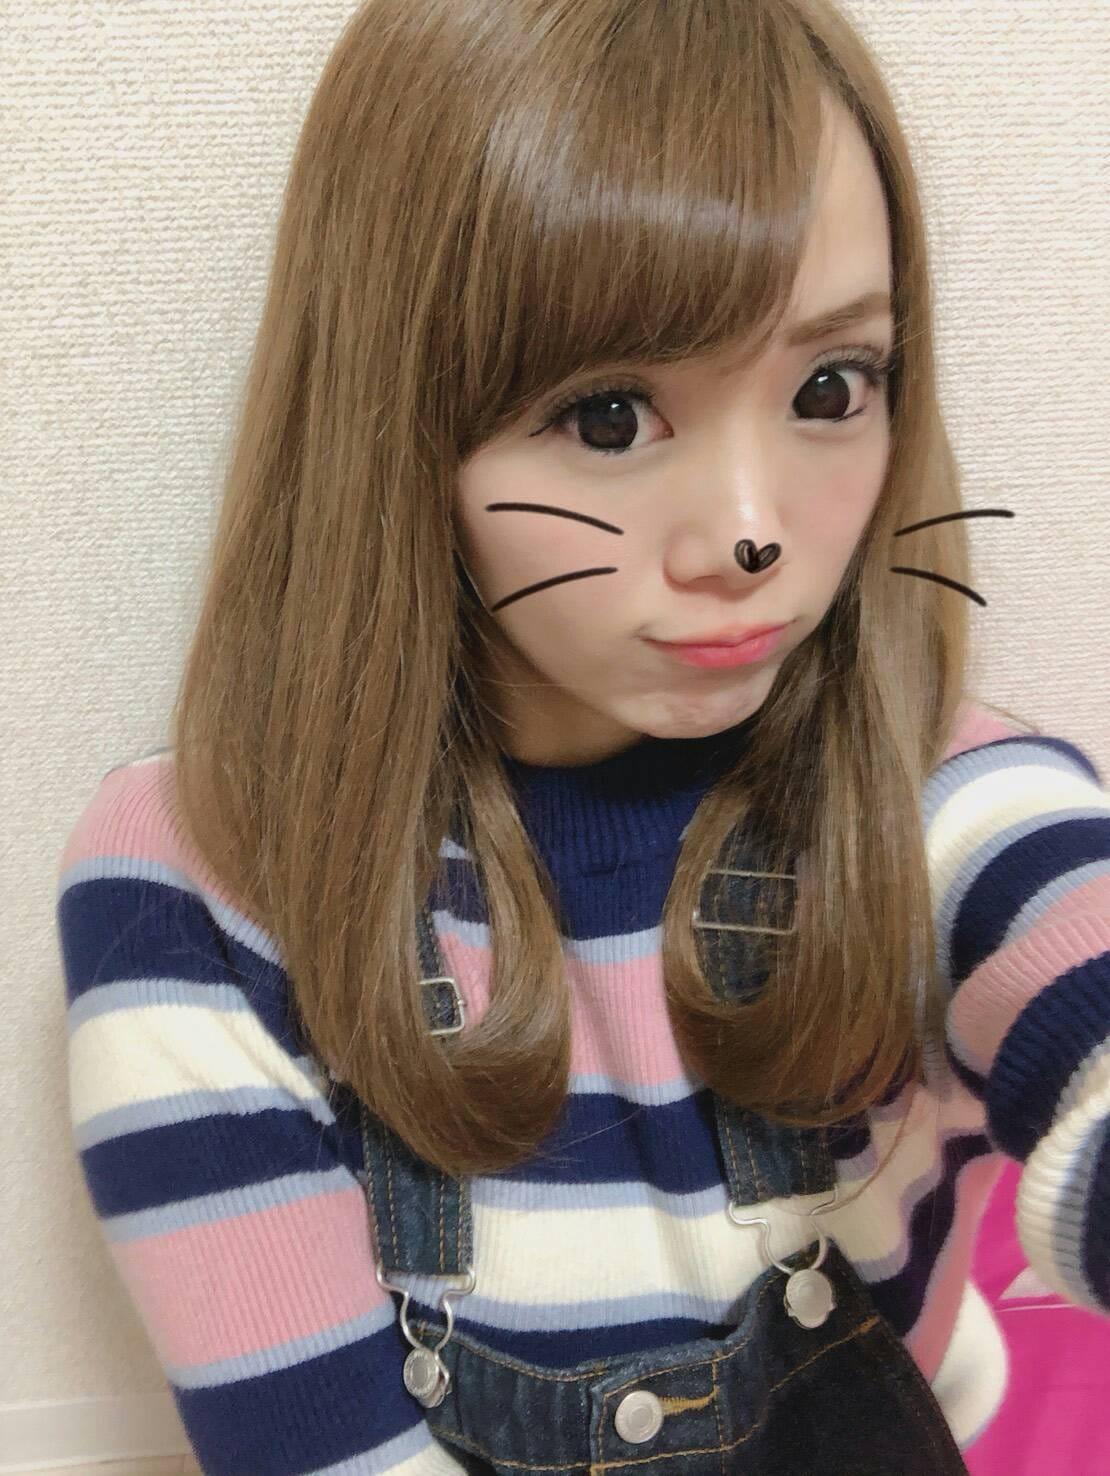 「おはよう♪(o^ー^o)ノ」05/12(05/12) 13:32   りなの写メ・風俗動画